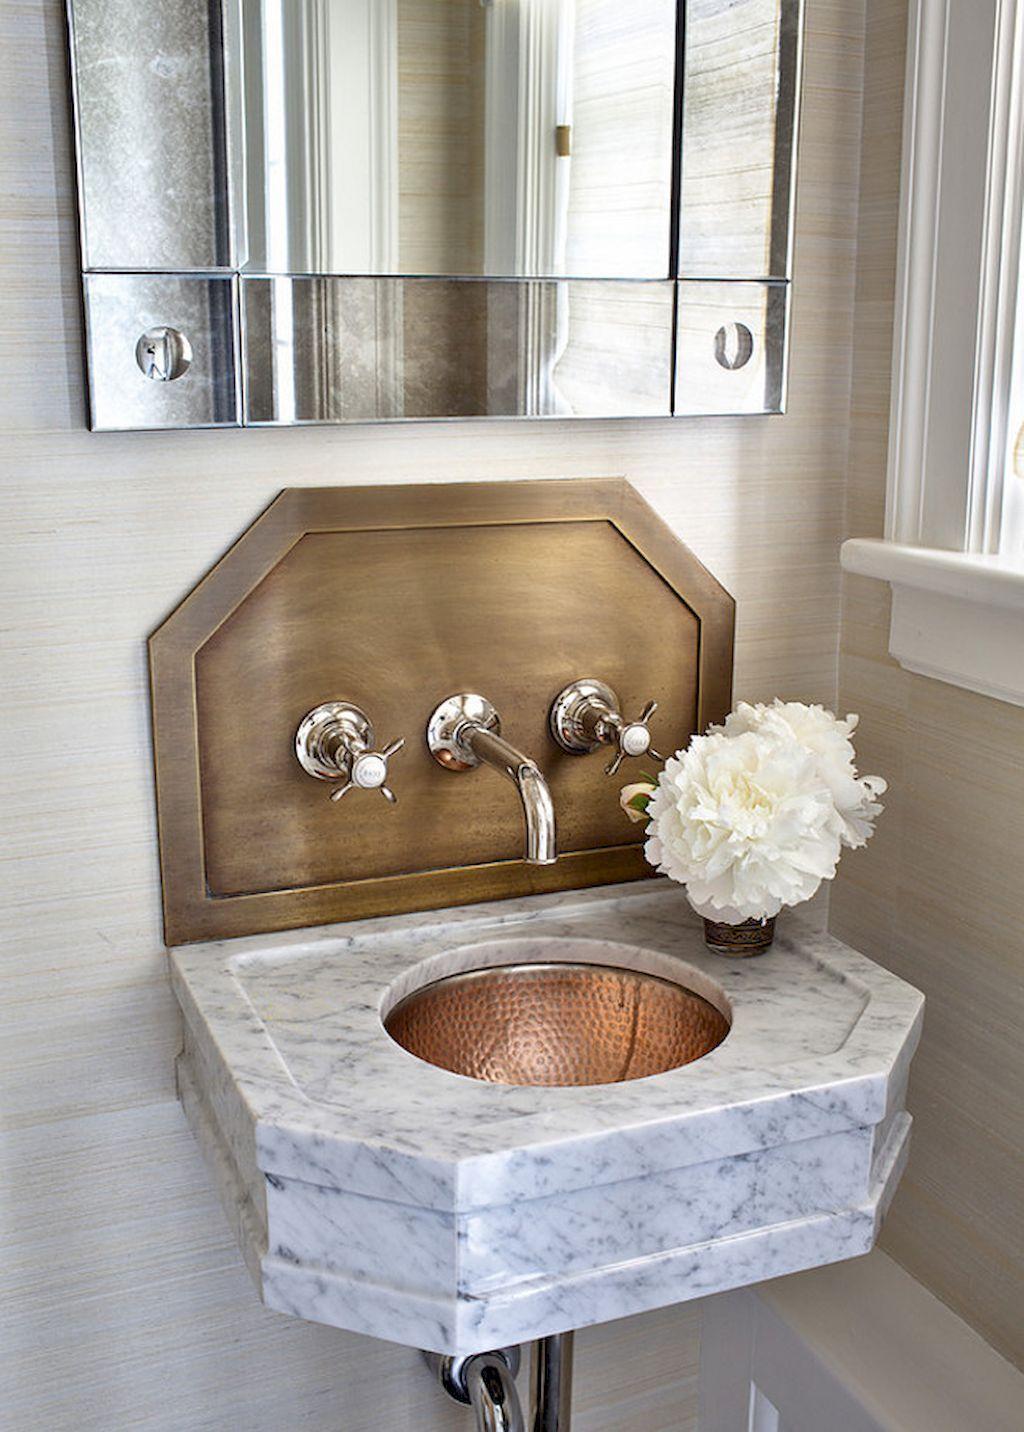 6 Irresistible Bathroom Sink Ideas Houseminds Small Bathroom Sinks Bathroom Sink Wall Mounted Bathroom Sinks